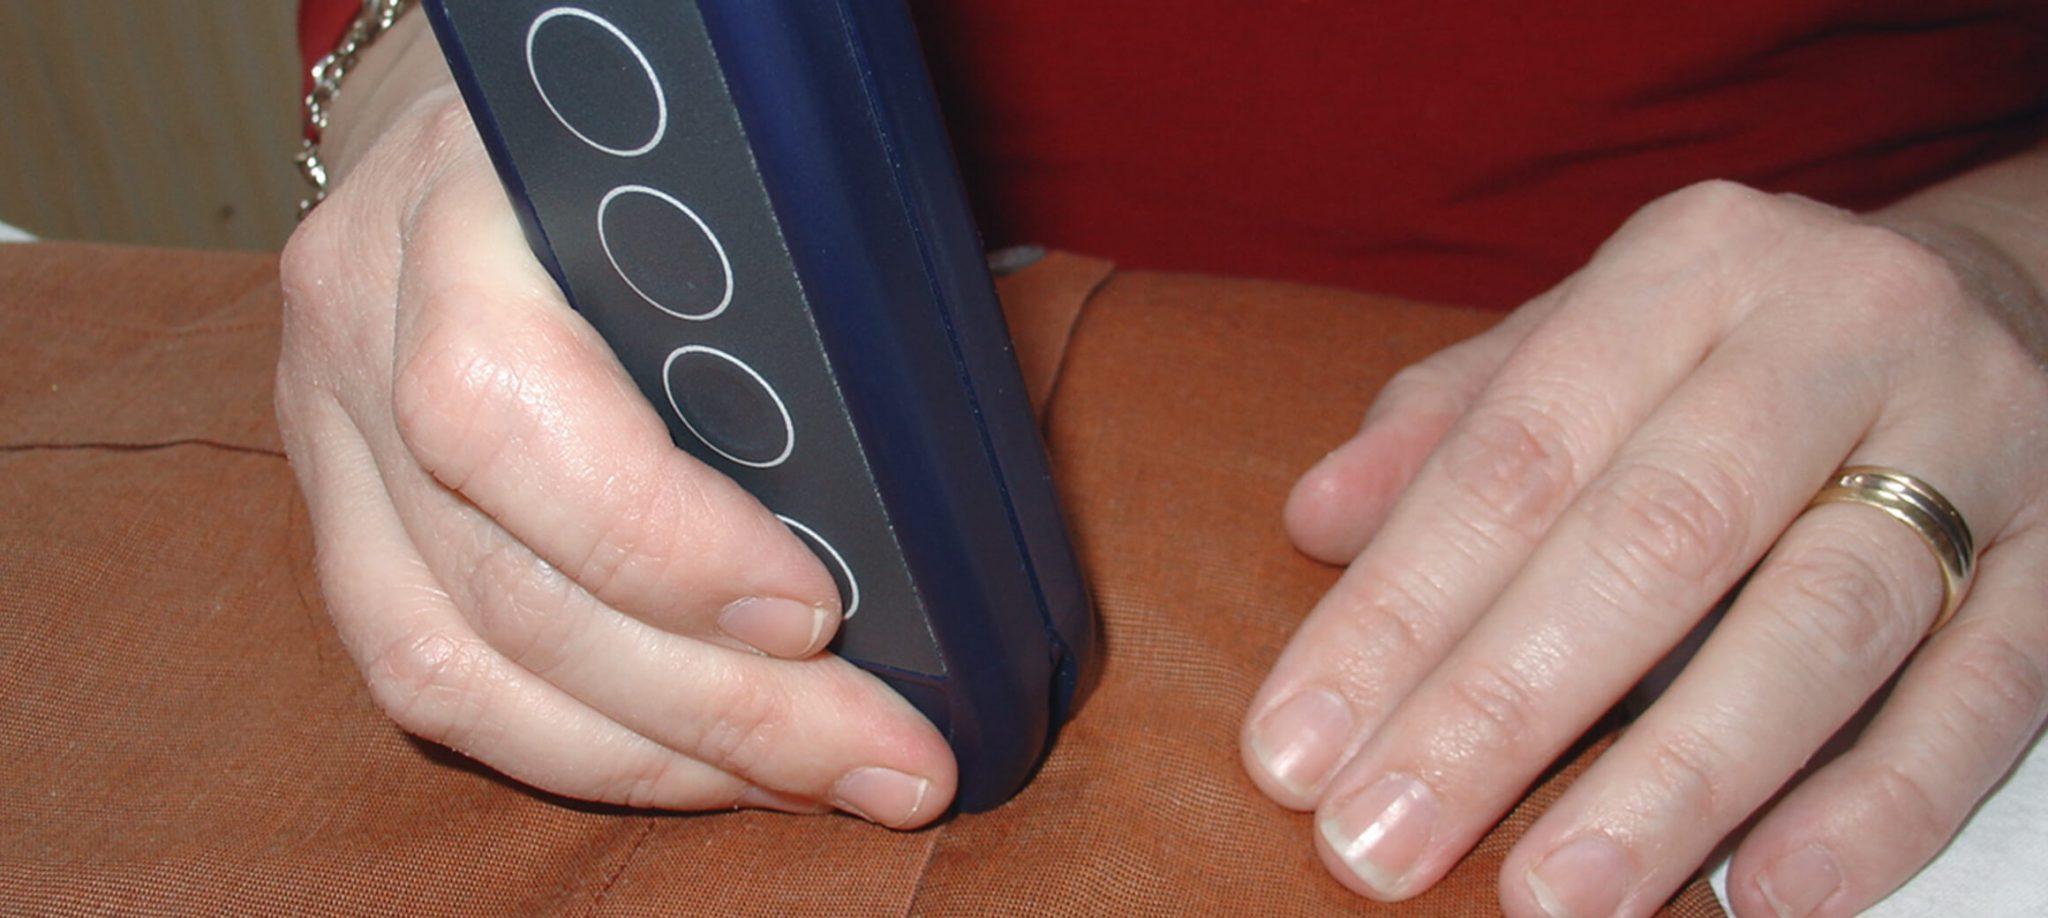 Das Farberkennungsgerät wird auf ein oranges Hemd gerichtet.